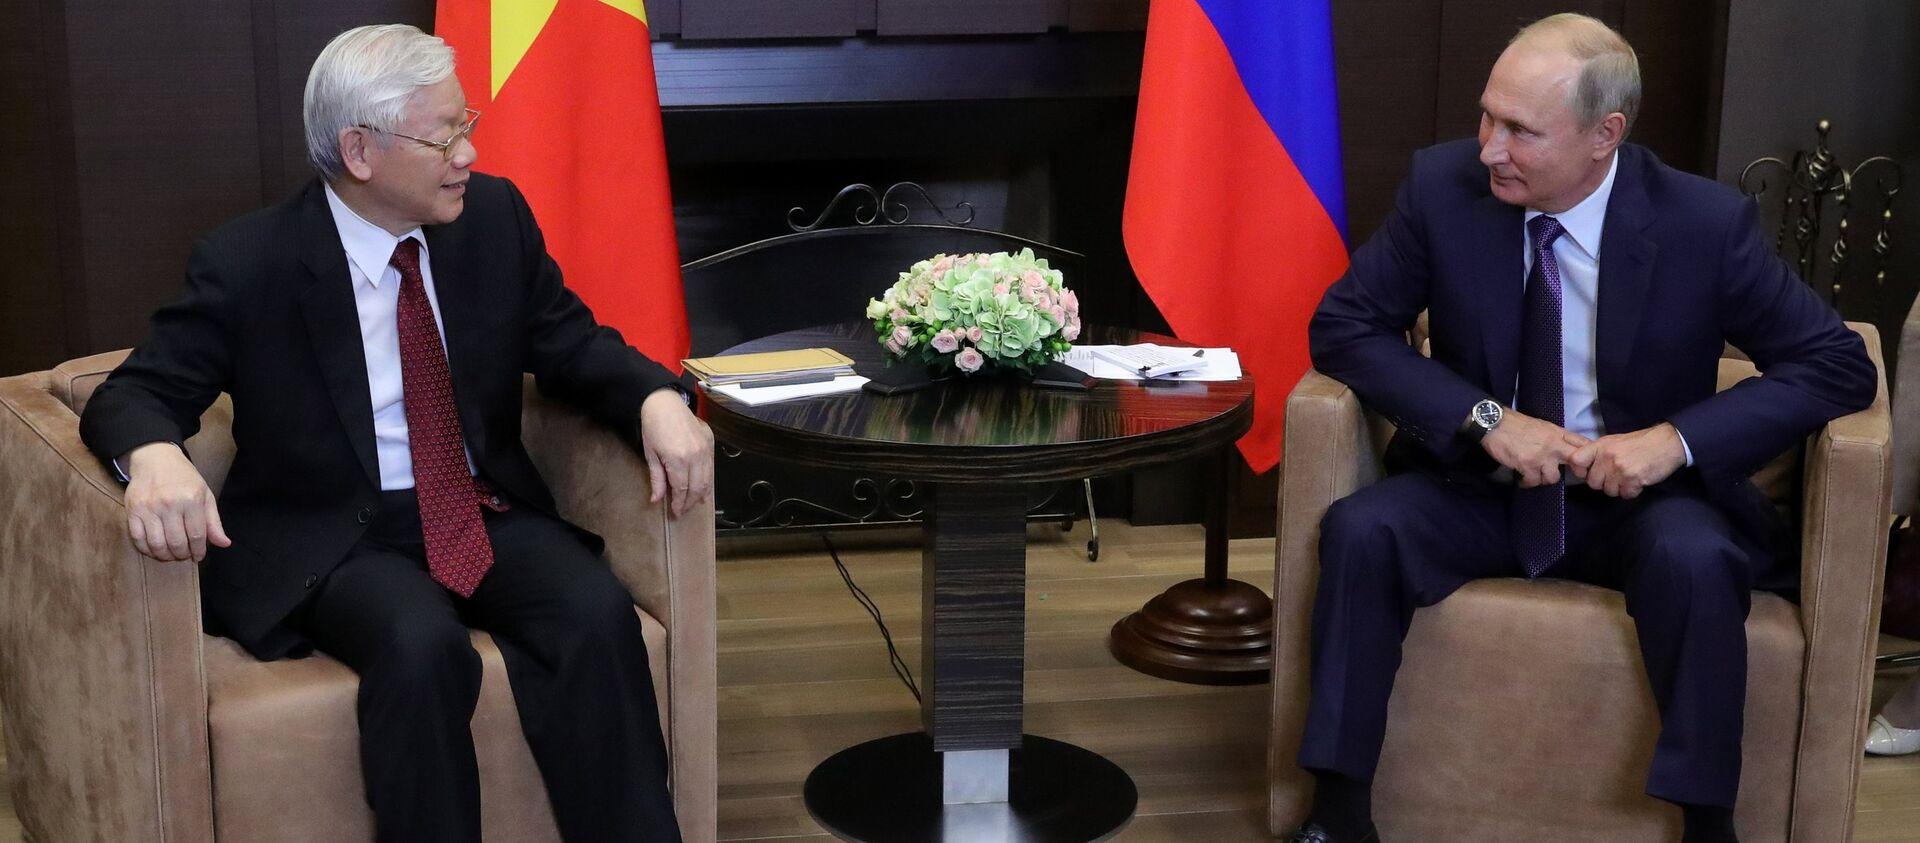 Ngày 6 tháng Chín năm 2018. Tổng bí thư Đảng Cộng sản Việt Nam Nguyễn Phú Trọng và Tổng thống Nga Vladimir Putin trong cuộc họp tại Sochi. - Sputnik Việt Nam, 1920, 30.12.2020